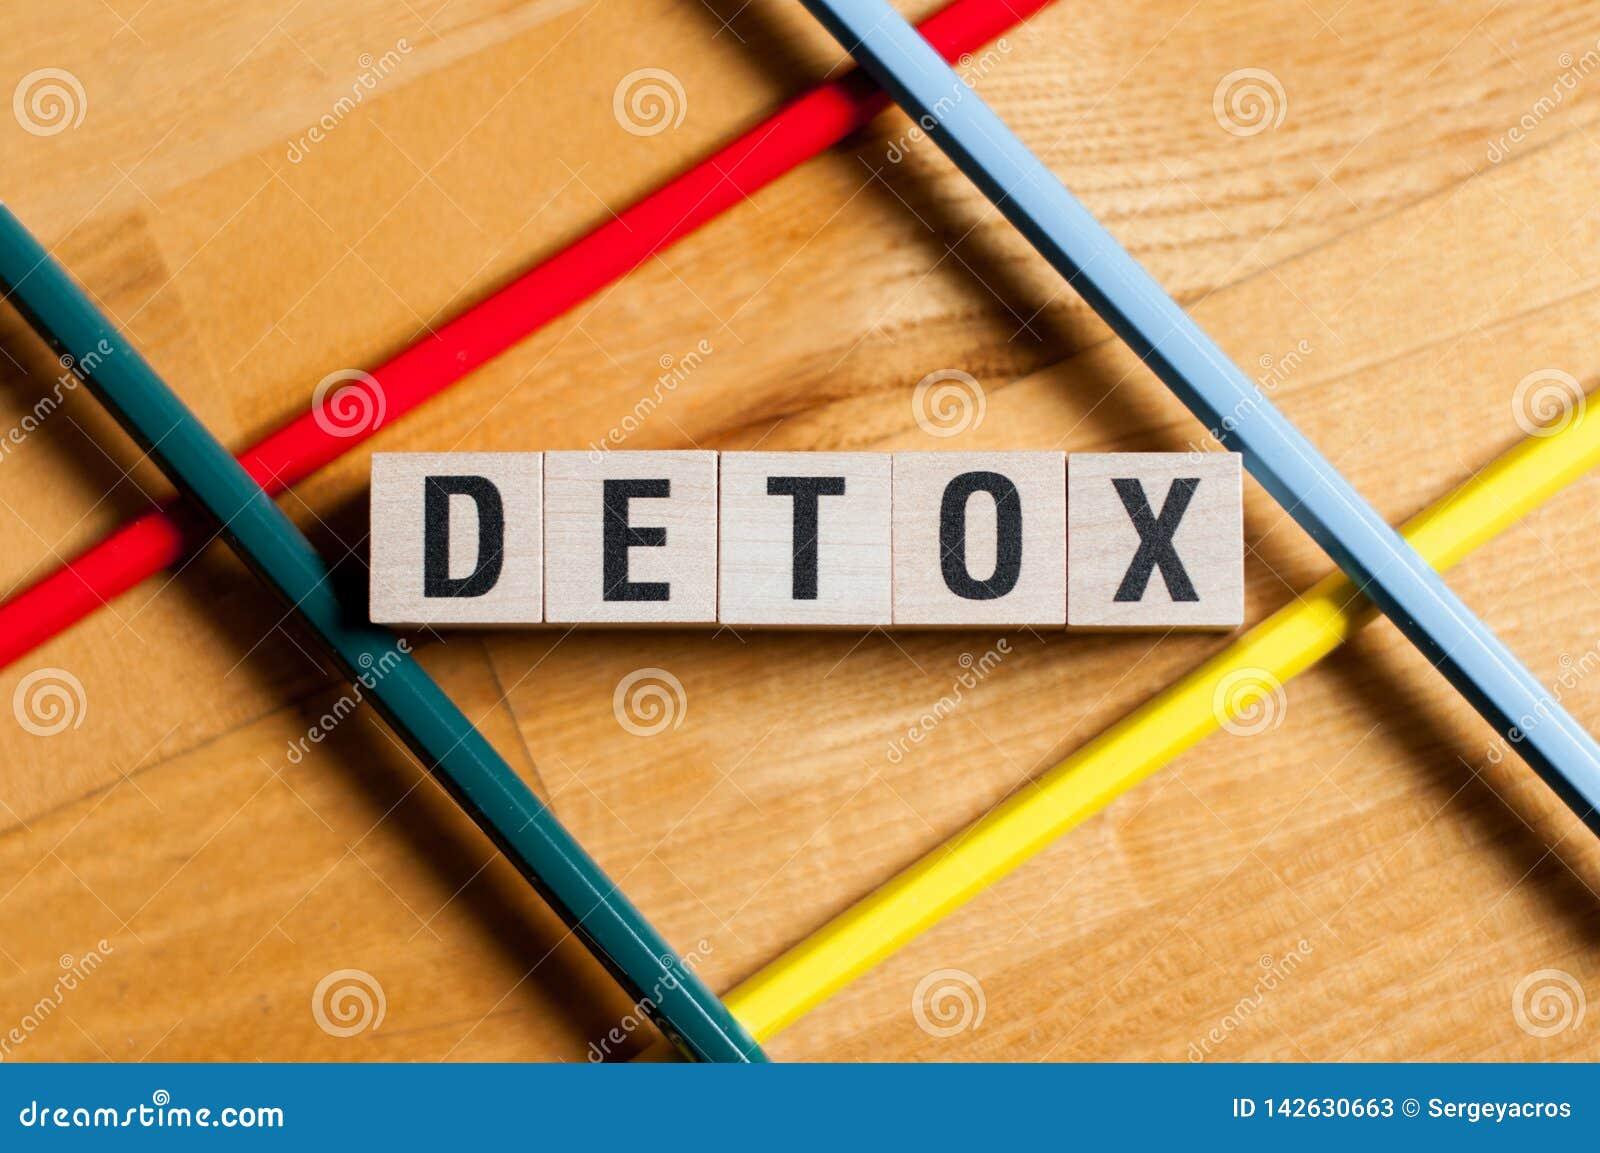 Detox word concept